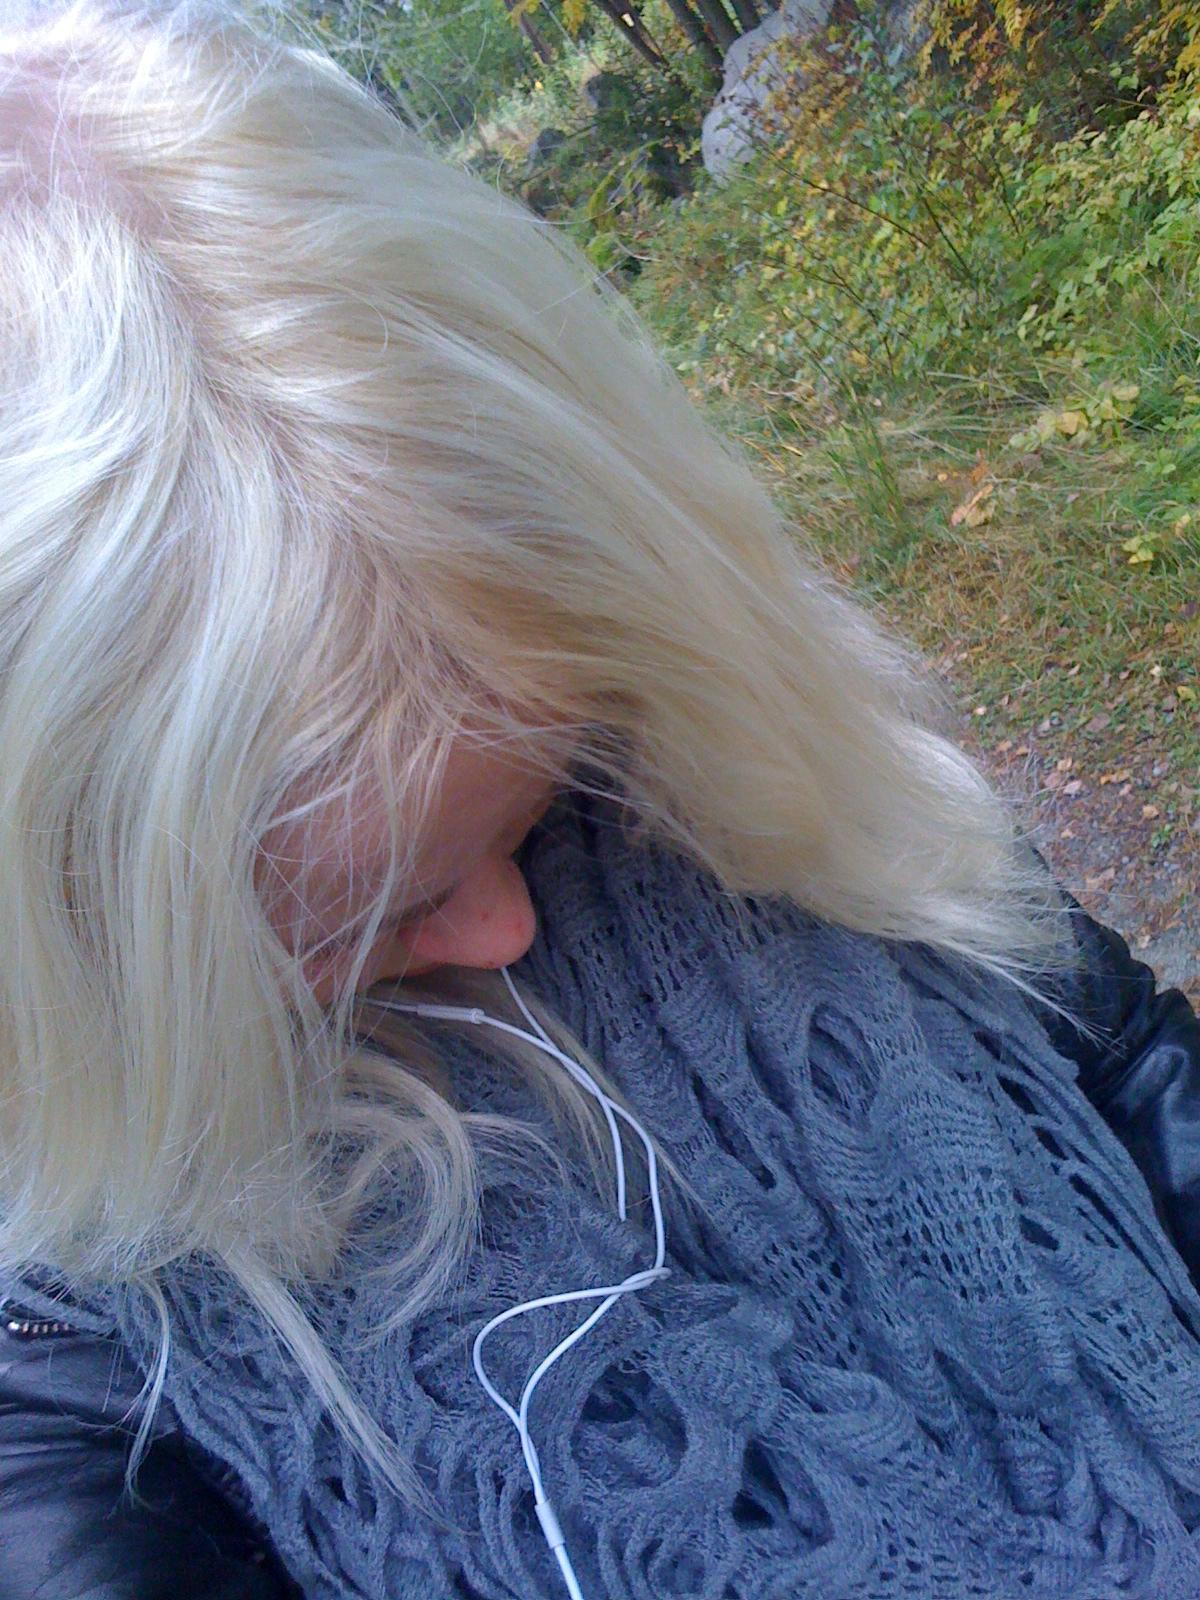 göra bruna slingor i blont hår